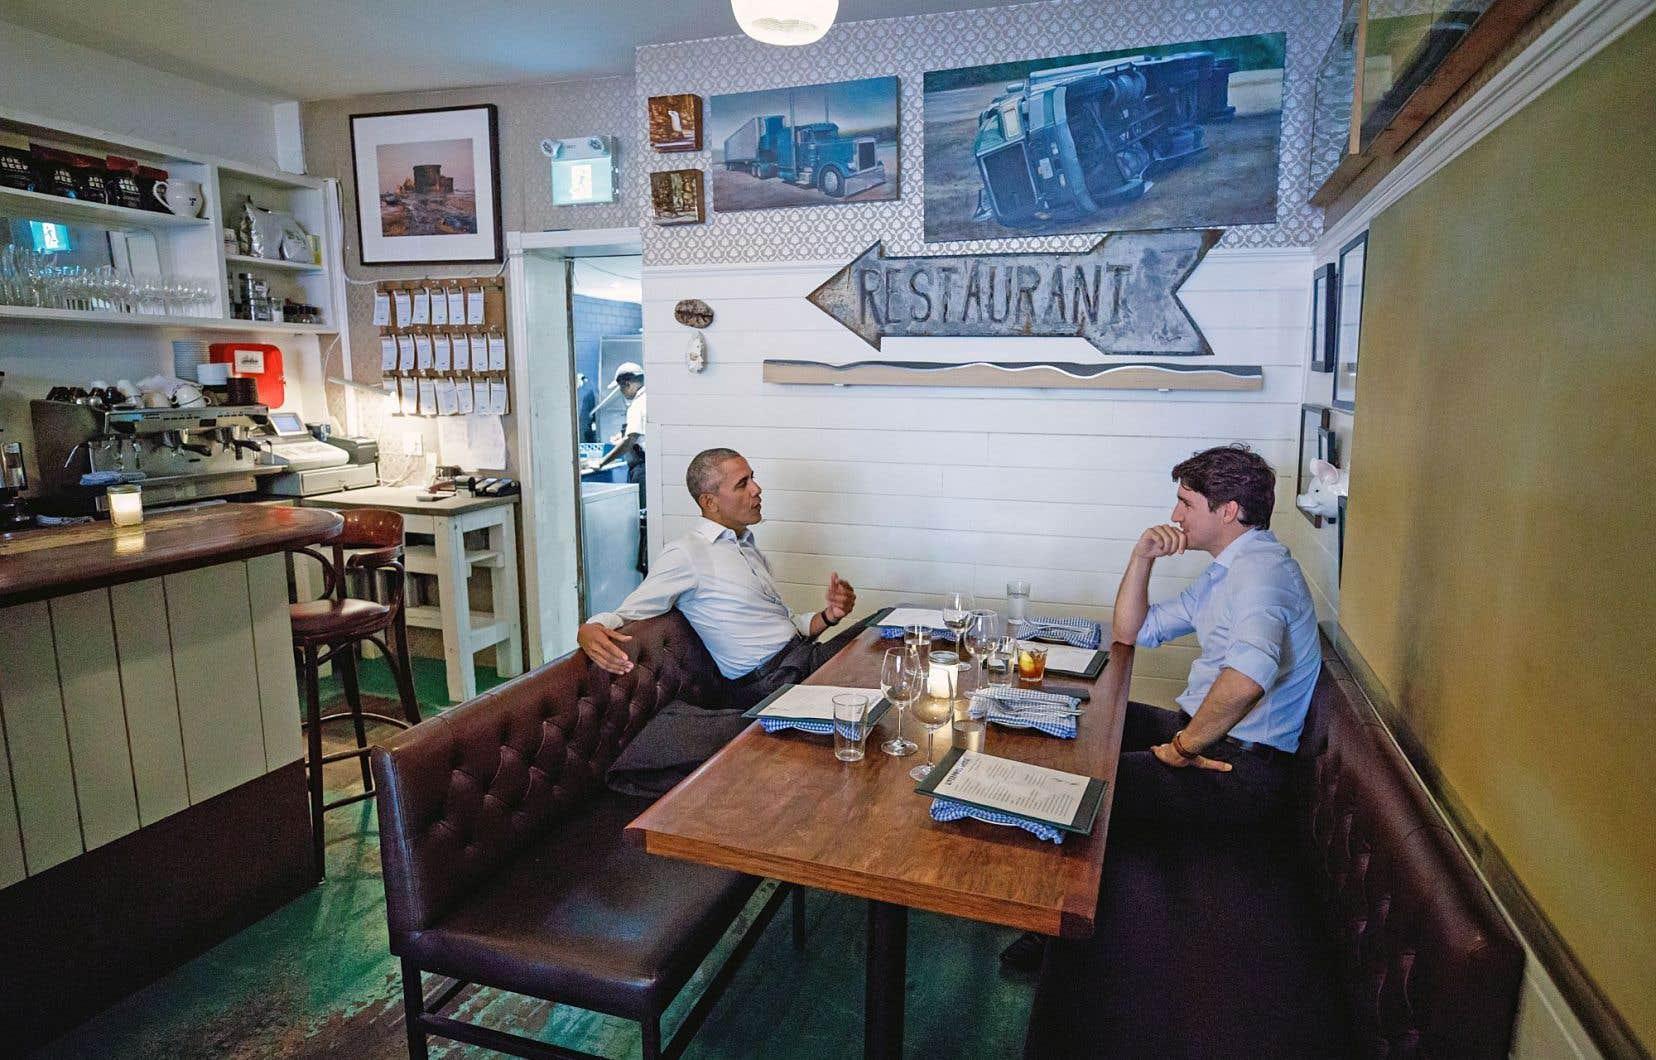 La photo a fait le tour du monde: l'ex-président Barack Obama soupant début juin dans un resto montréalais avec son pote Justin Trudeau, tous deux en bras de chemise.